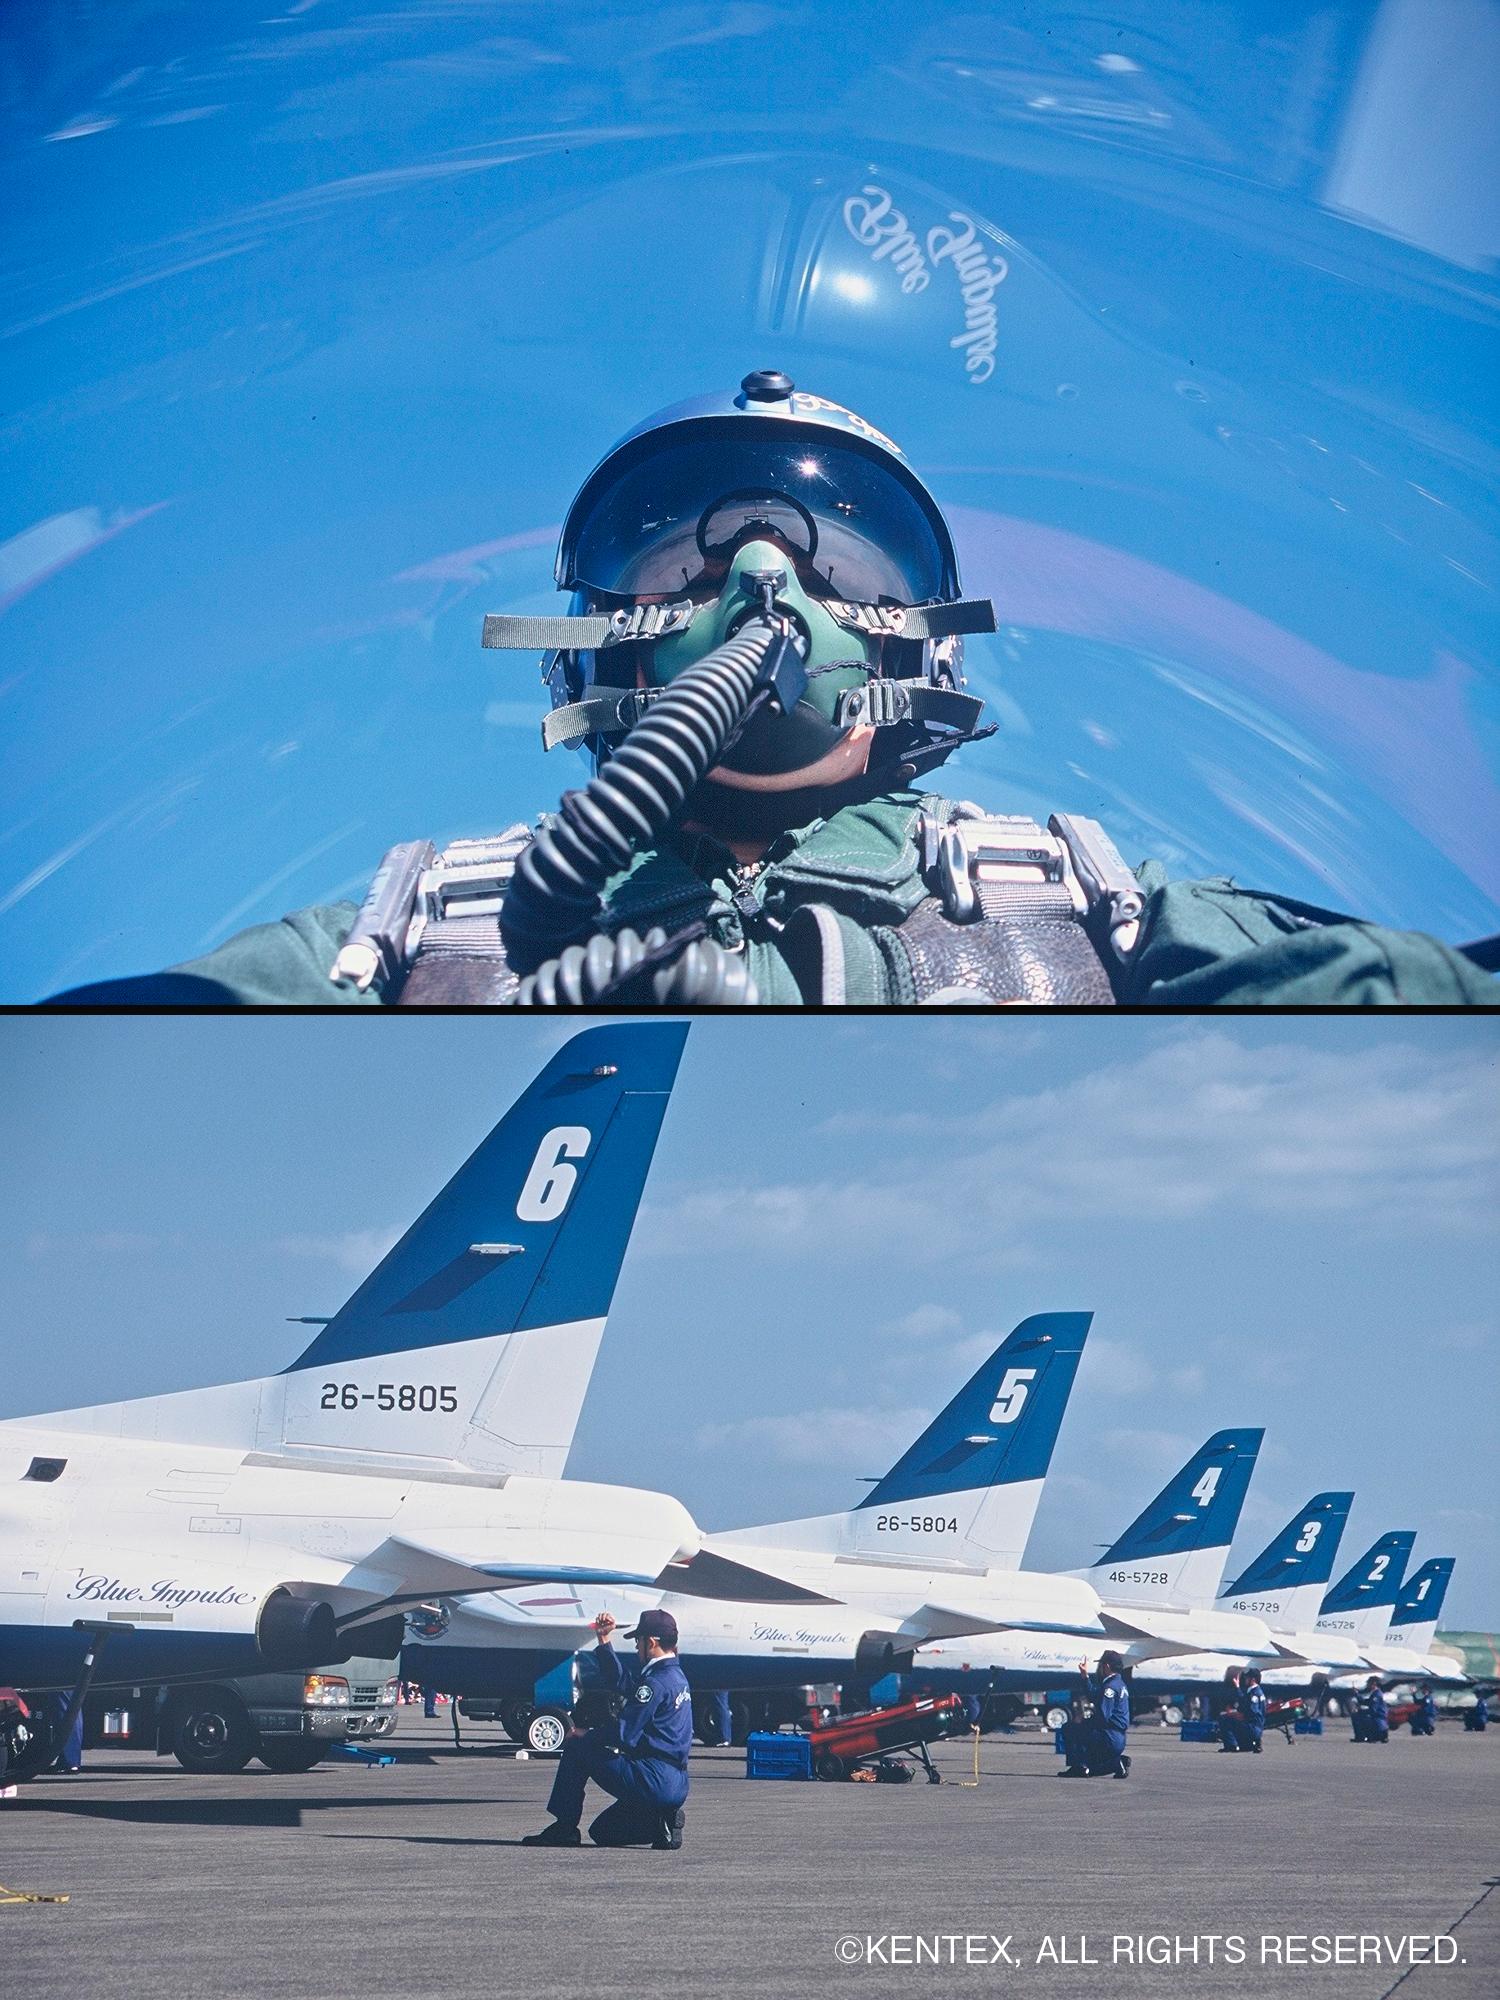 ブルーインパルスパイロット 整備